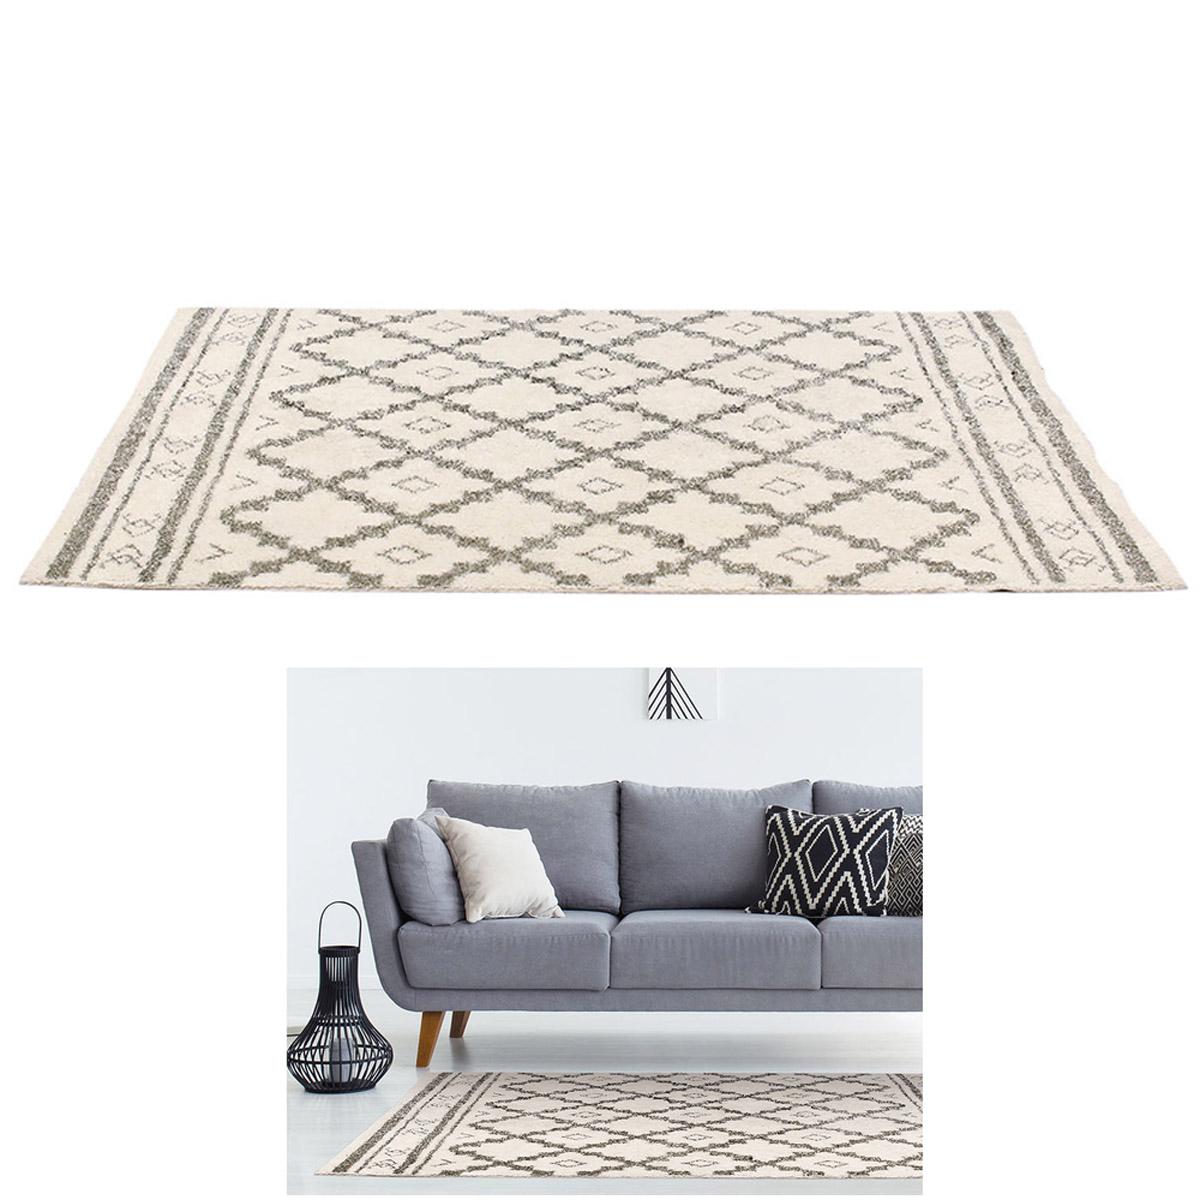 Tapis coton \'Boho\' beige gris - 170x120 cm - [R2501]